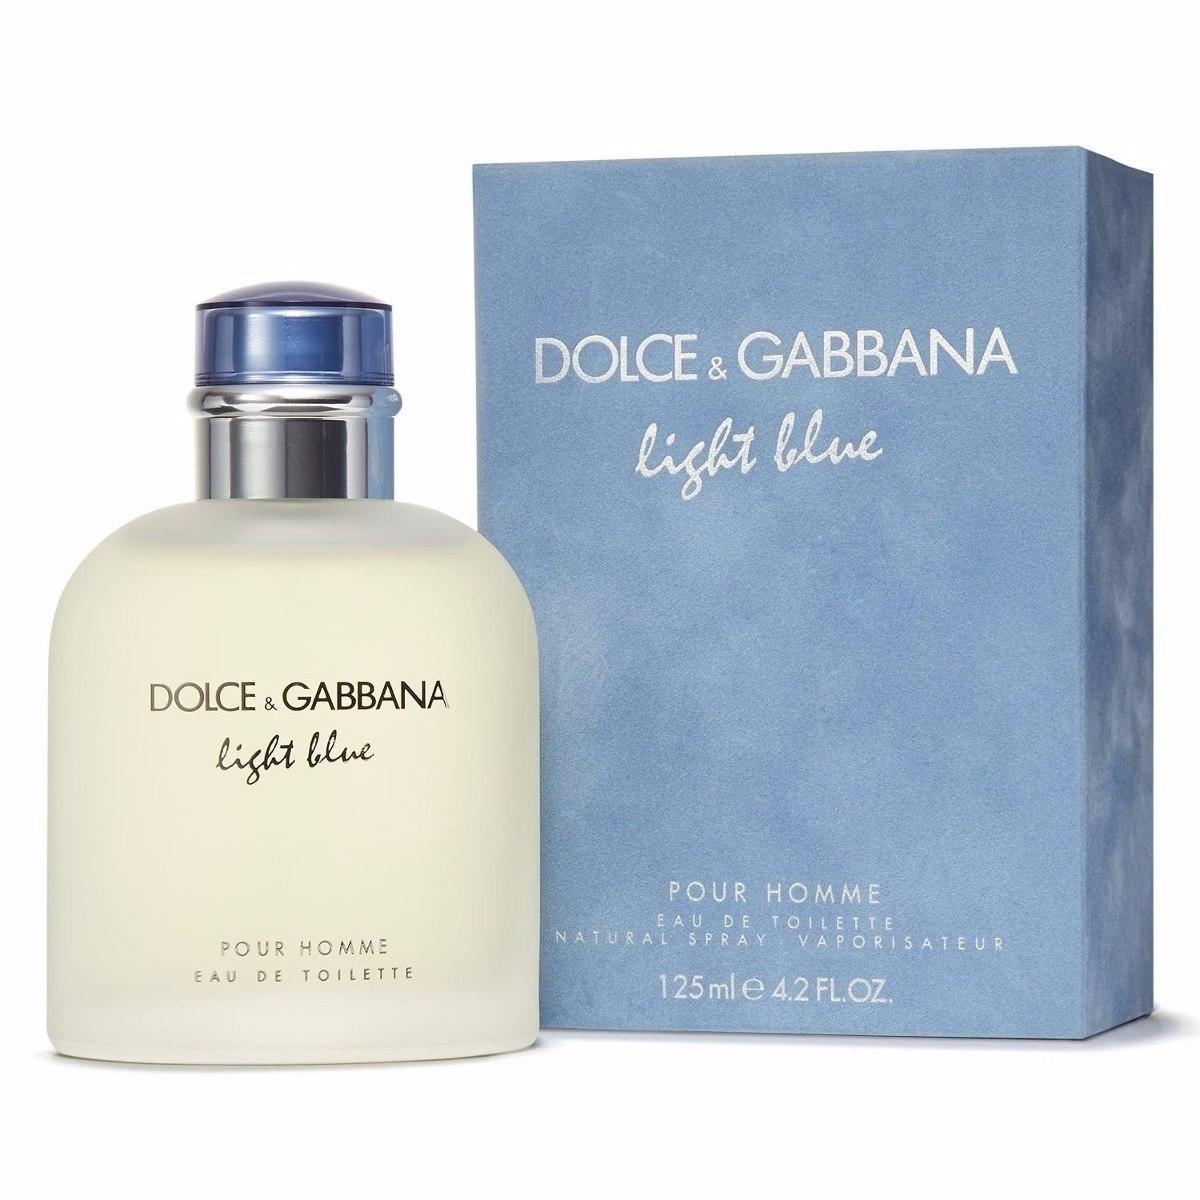 637e2bea56478 dolce   gabbana light blue masculino 125 ml -100% original. Carregando zoom.